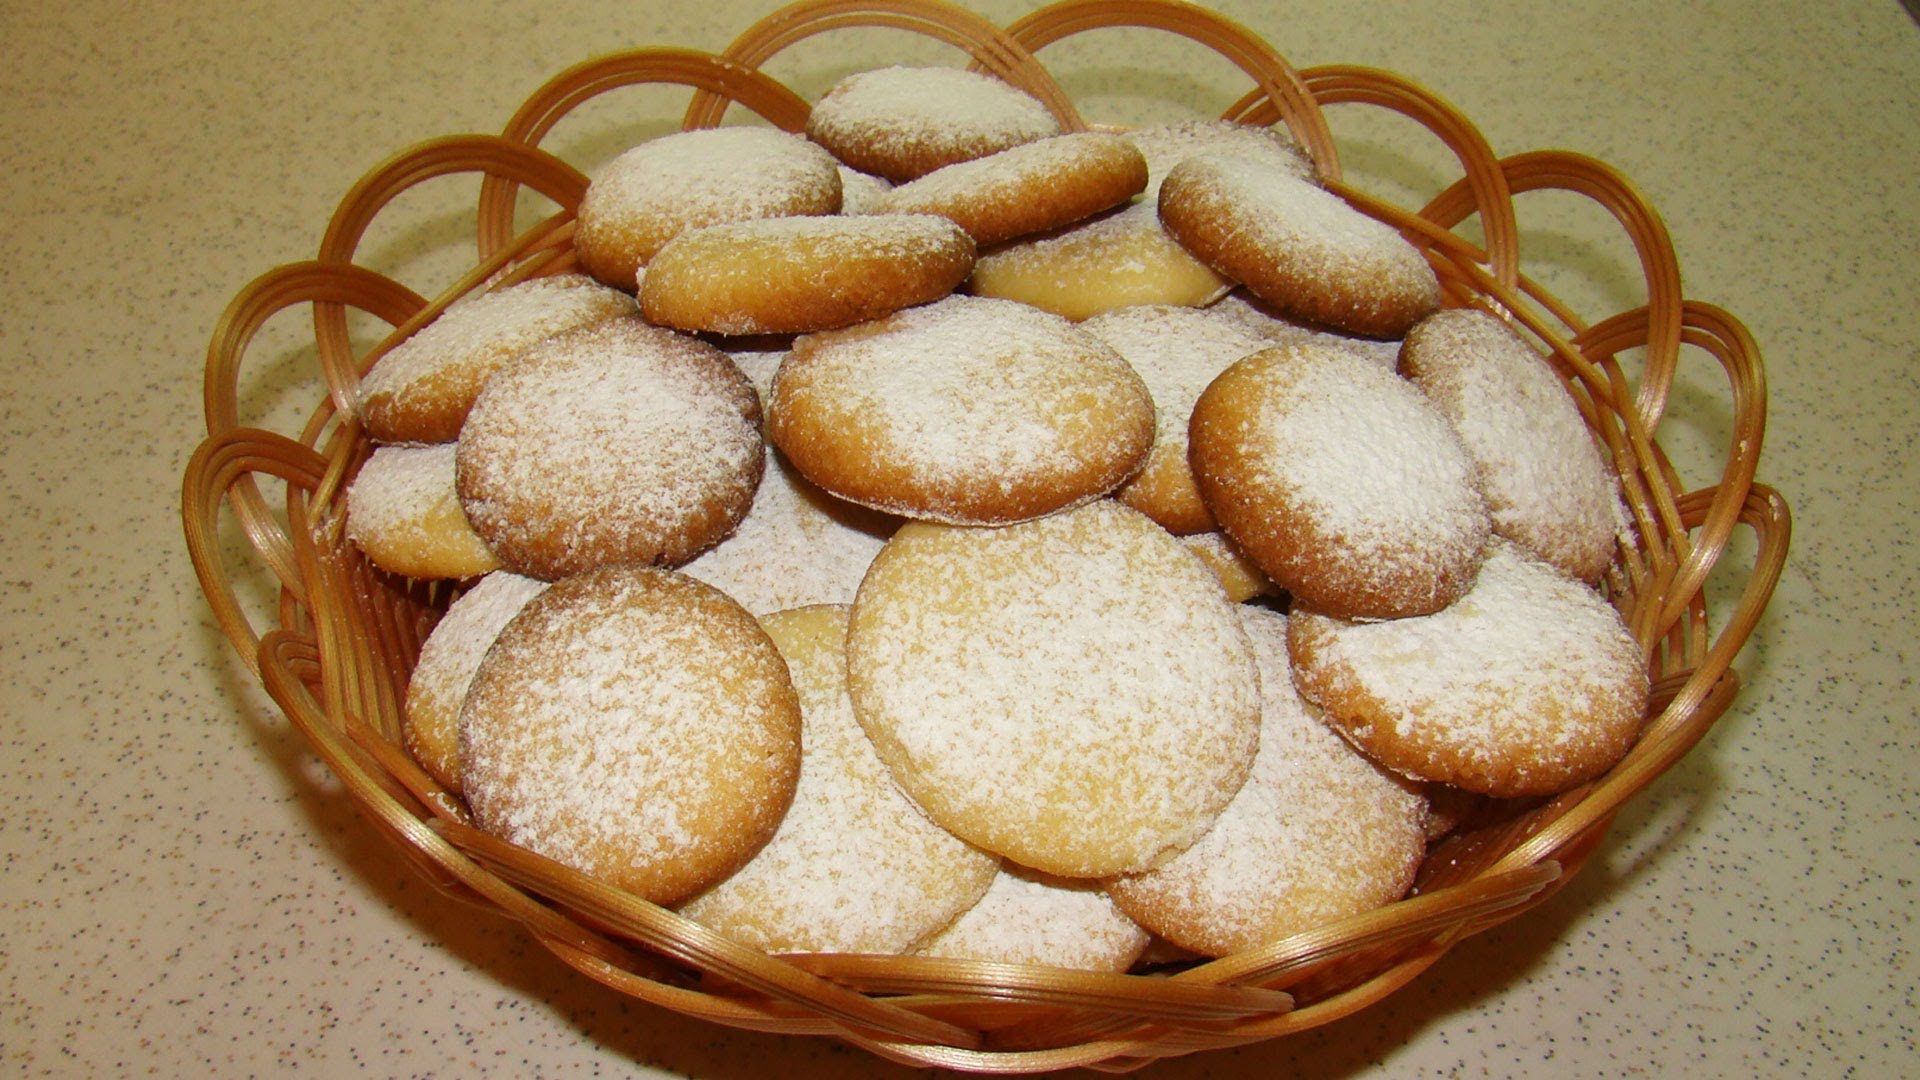 печенье своими руками рецепты с фото дома никогда